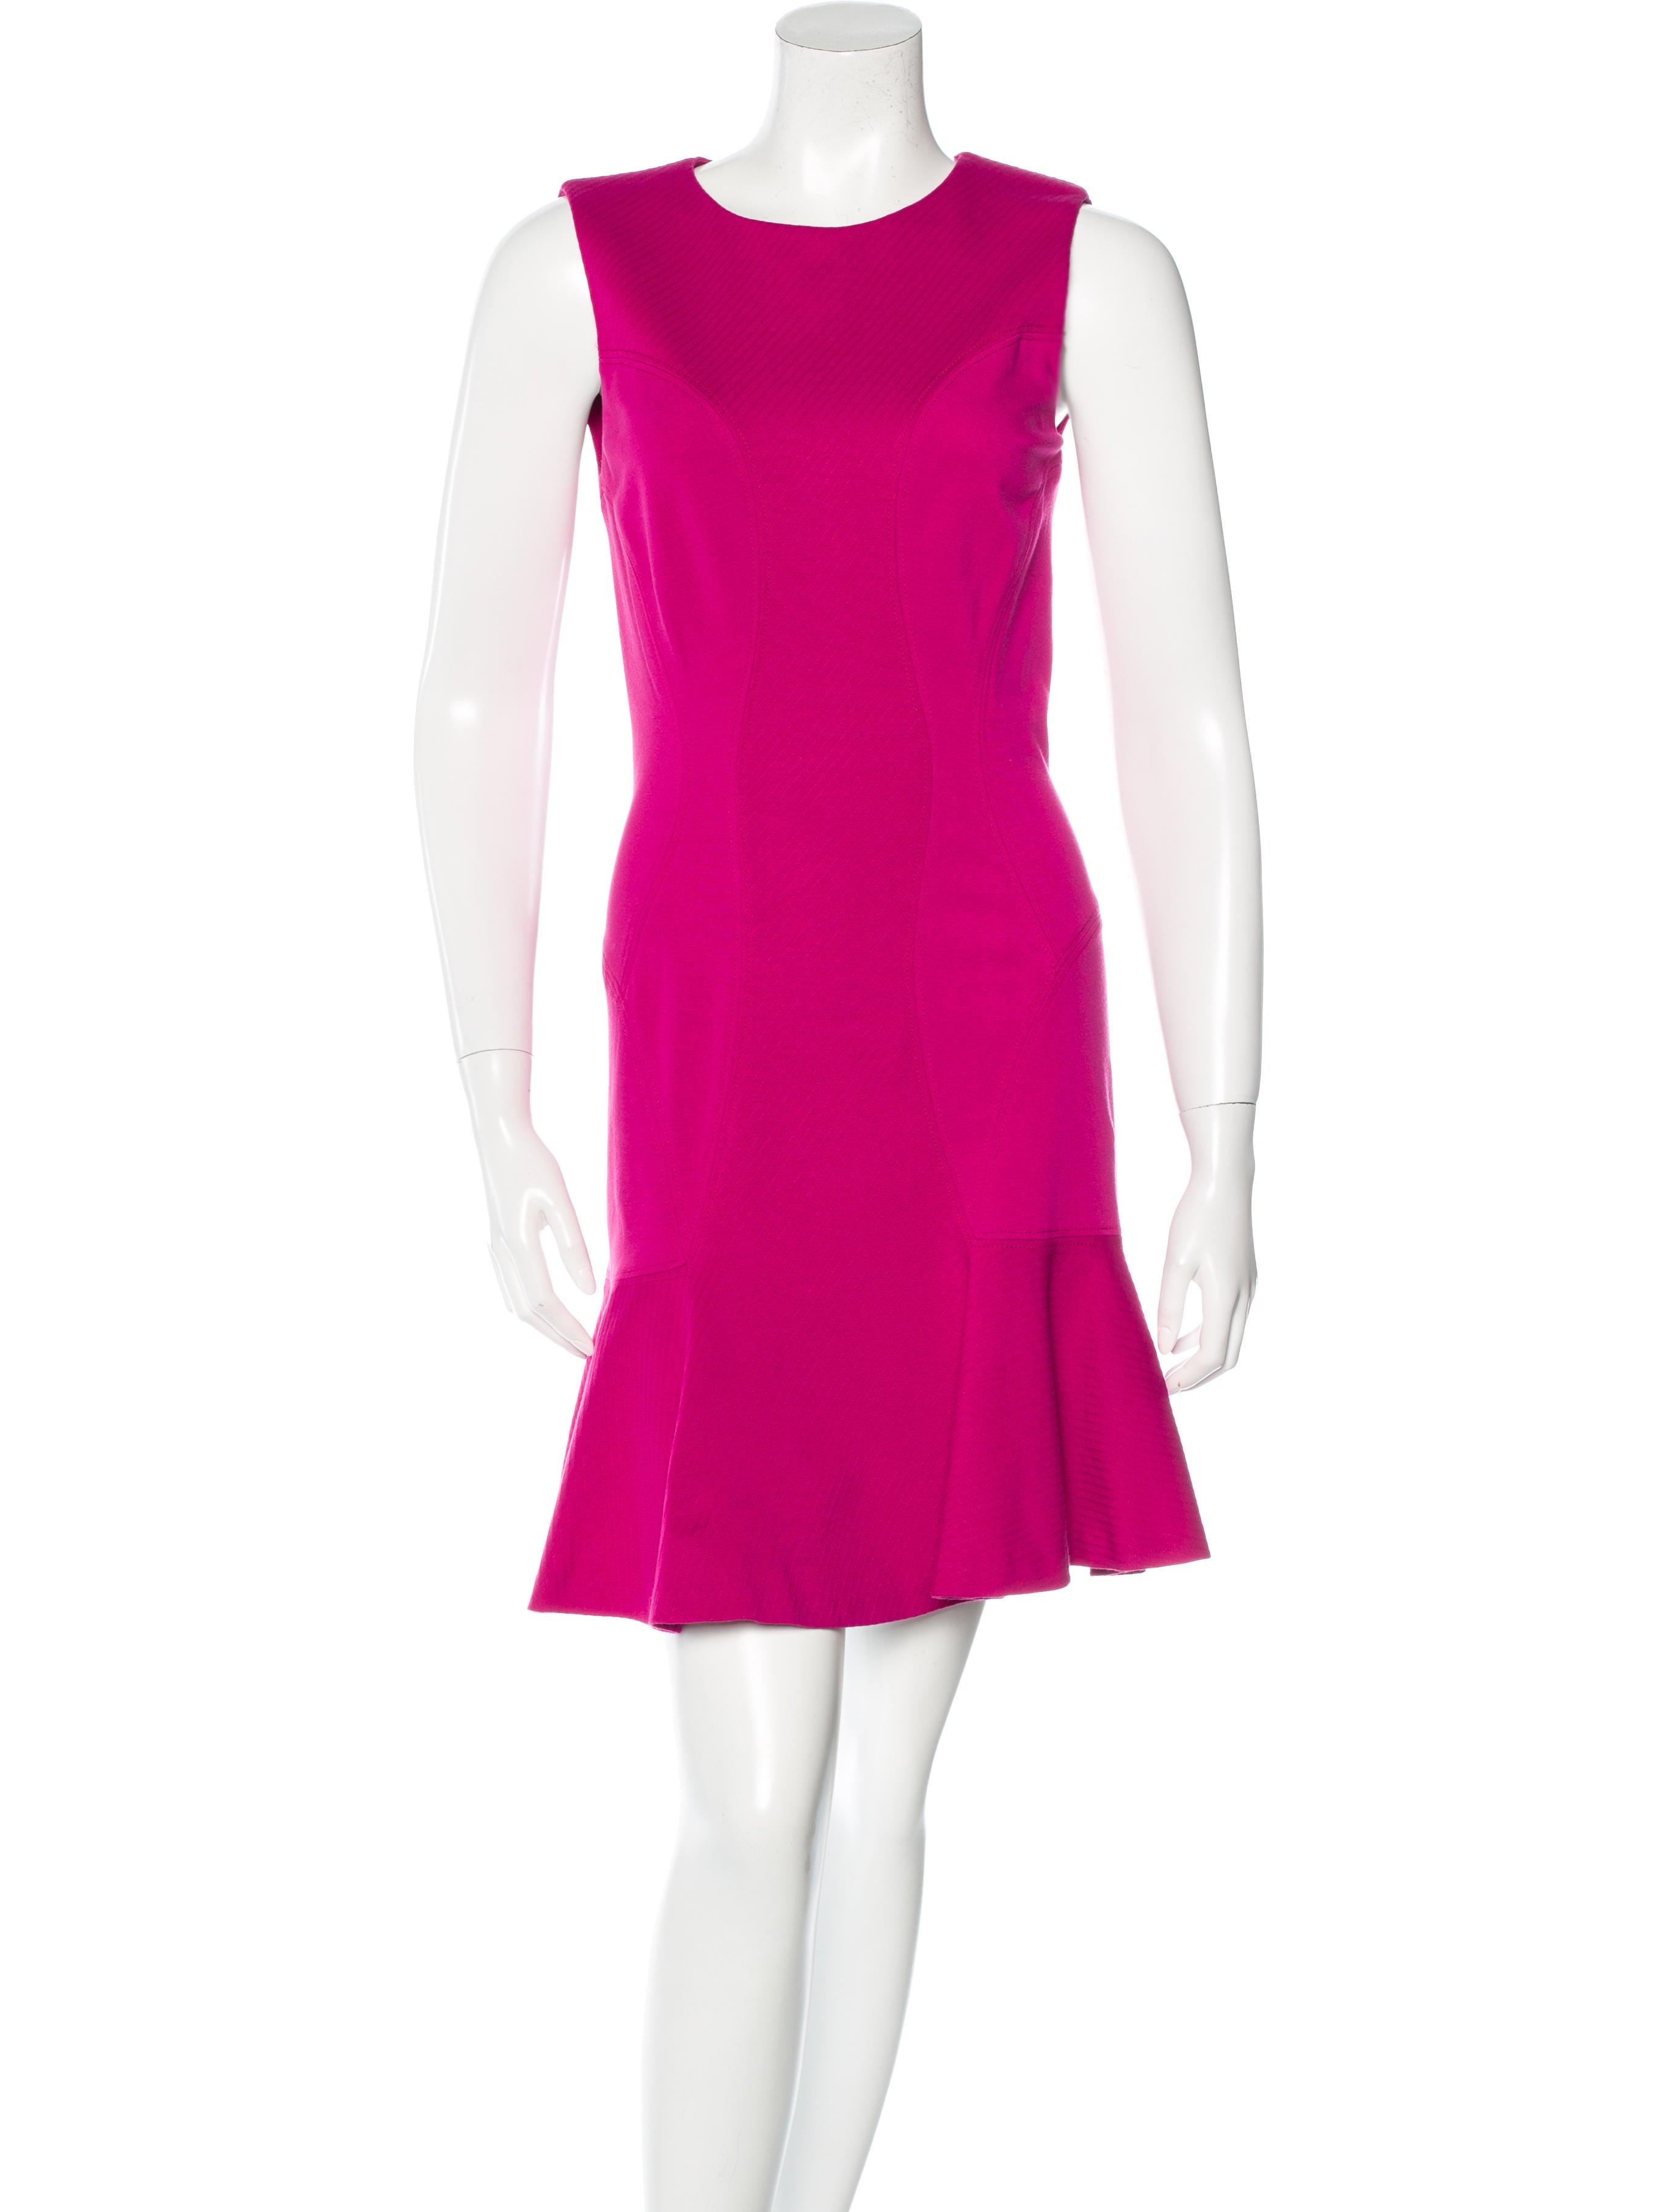 Diane von furstenberg sleeveless sheath dress clothing for Diane von furstenberg shirt